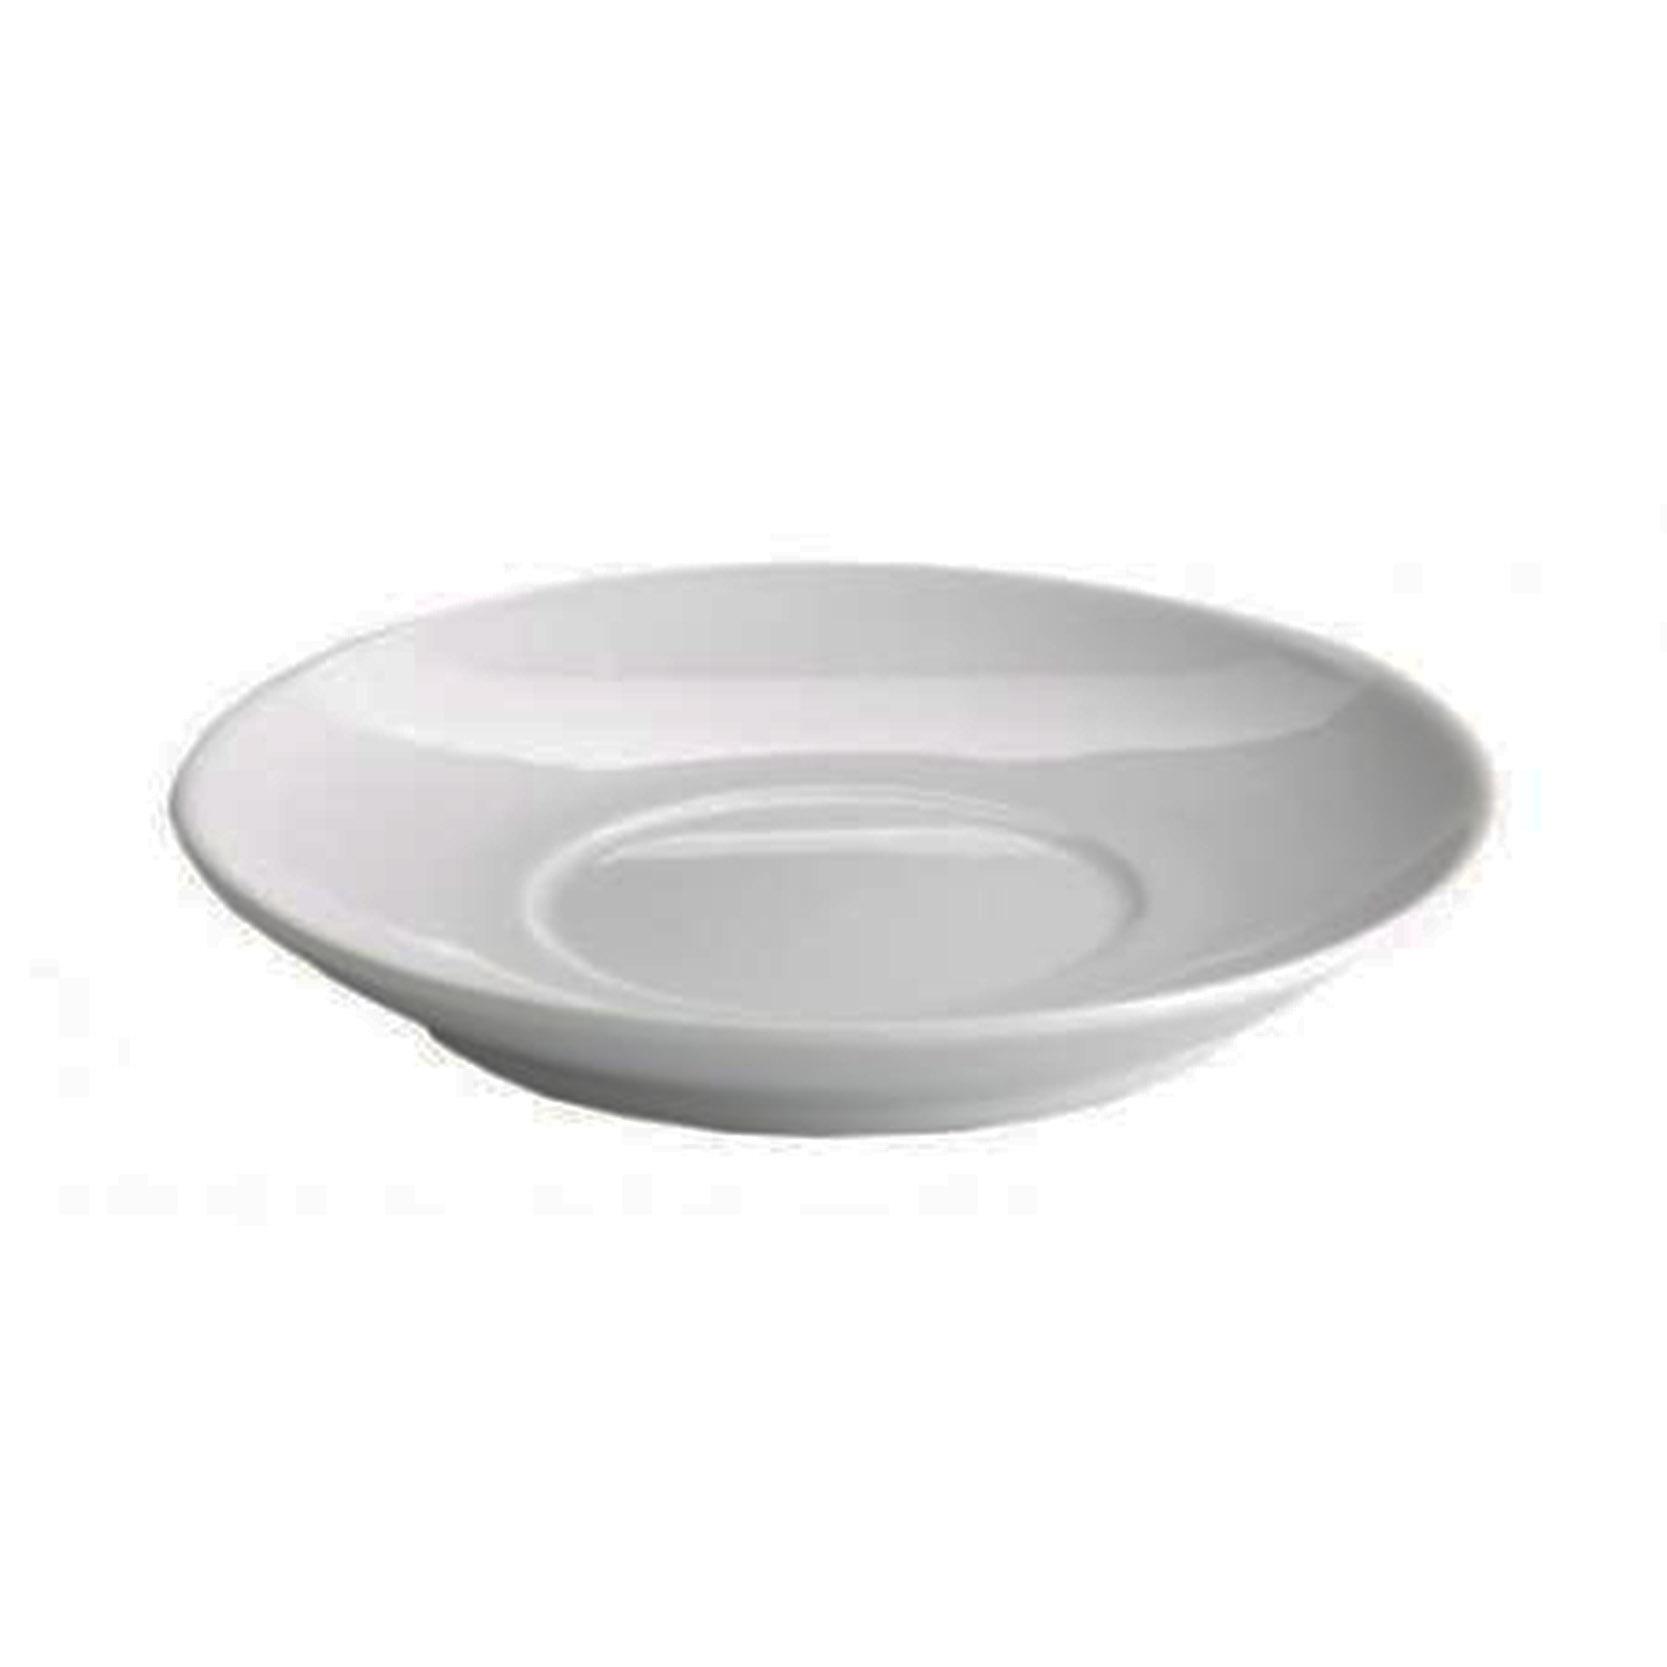 GURALMONT TE-DESY. PLATO 15,5cm  C12